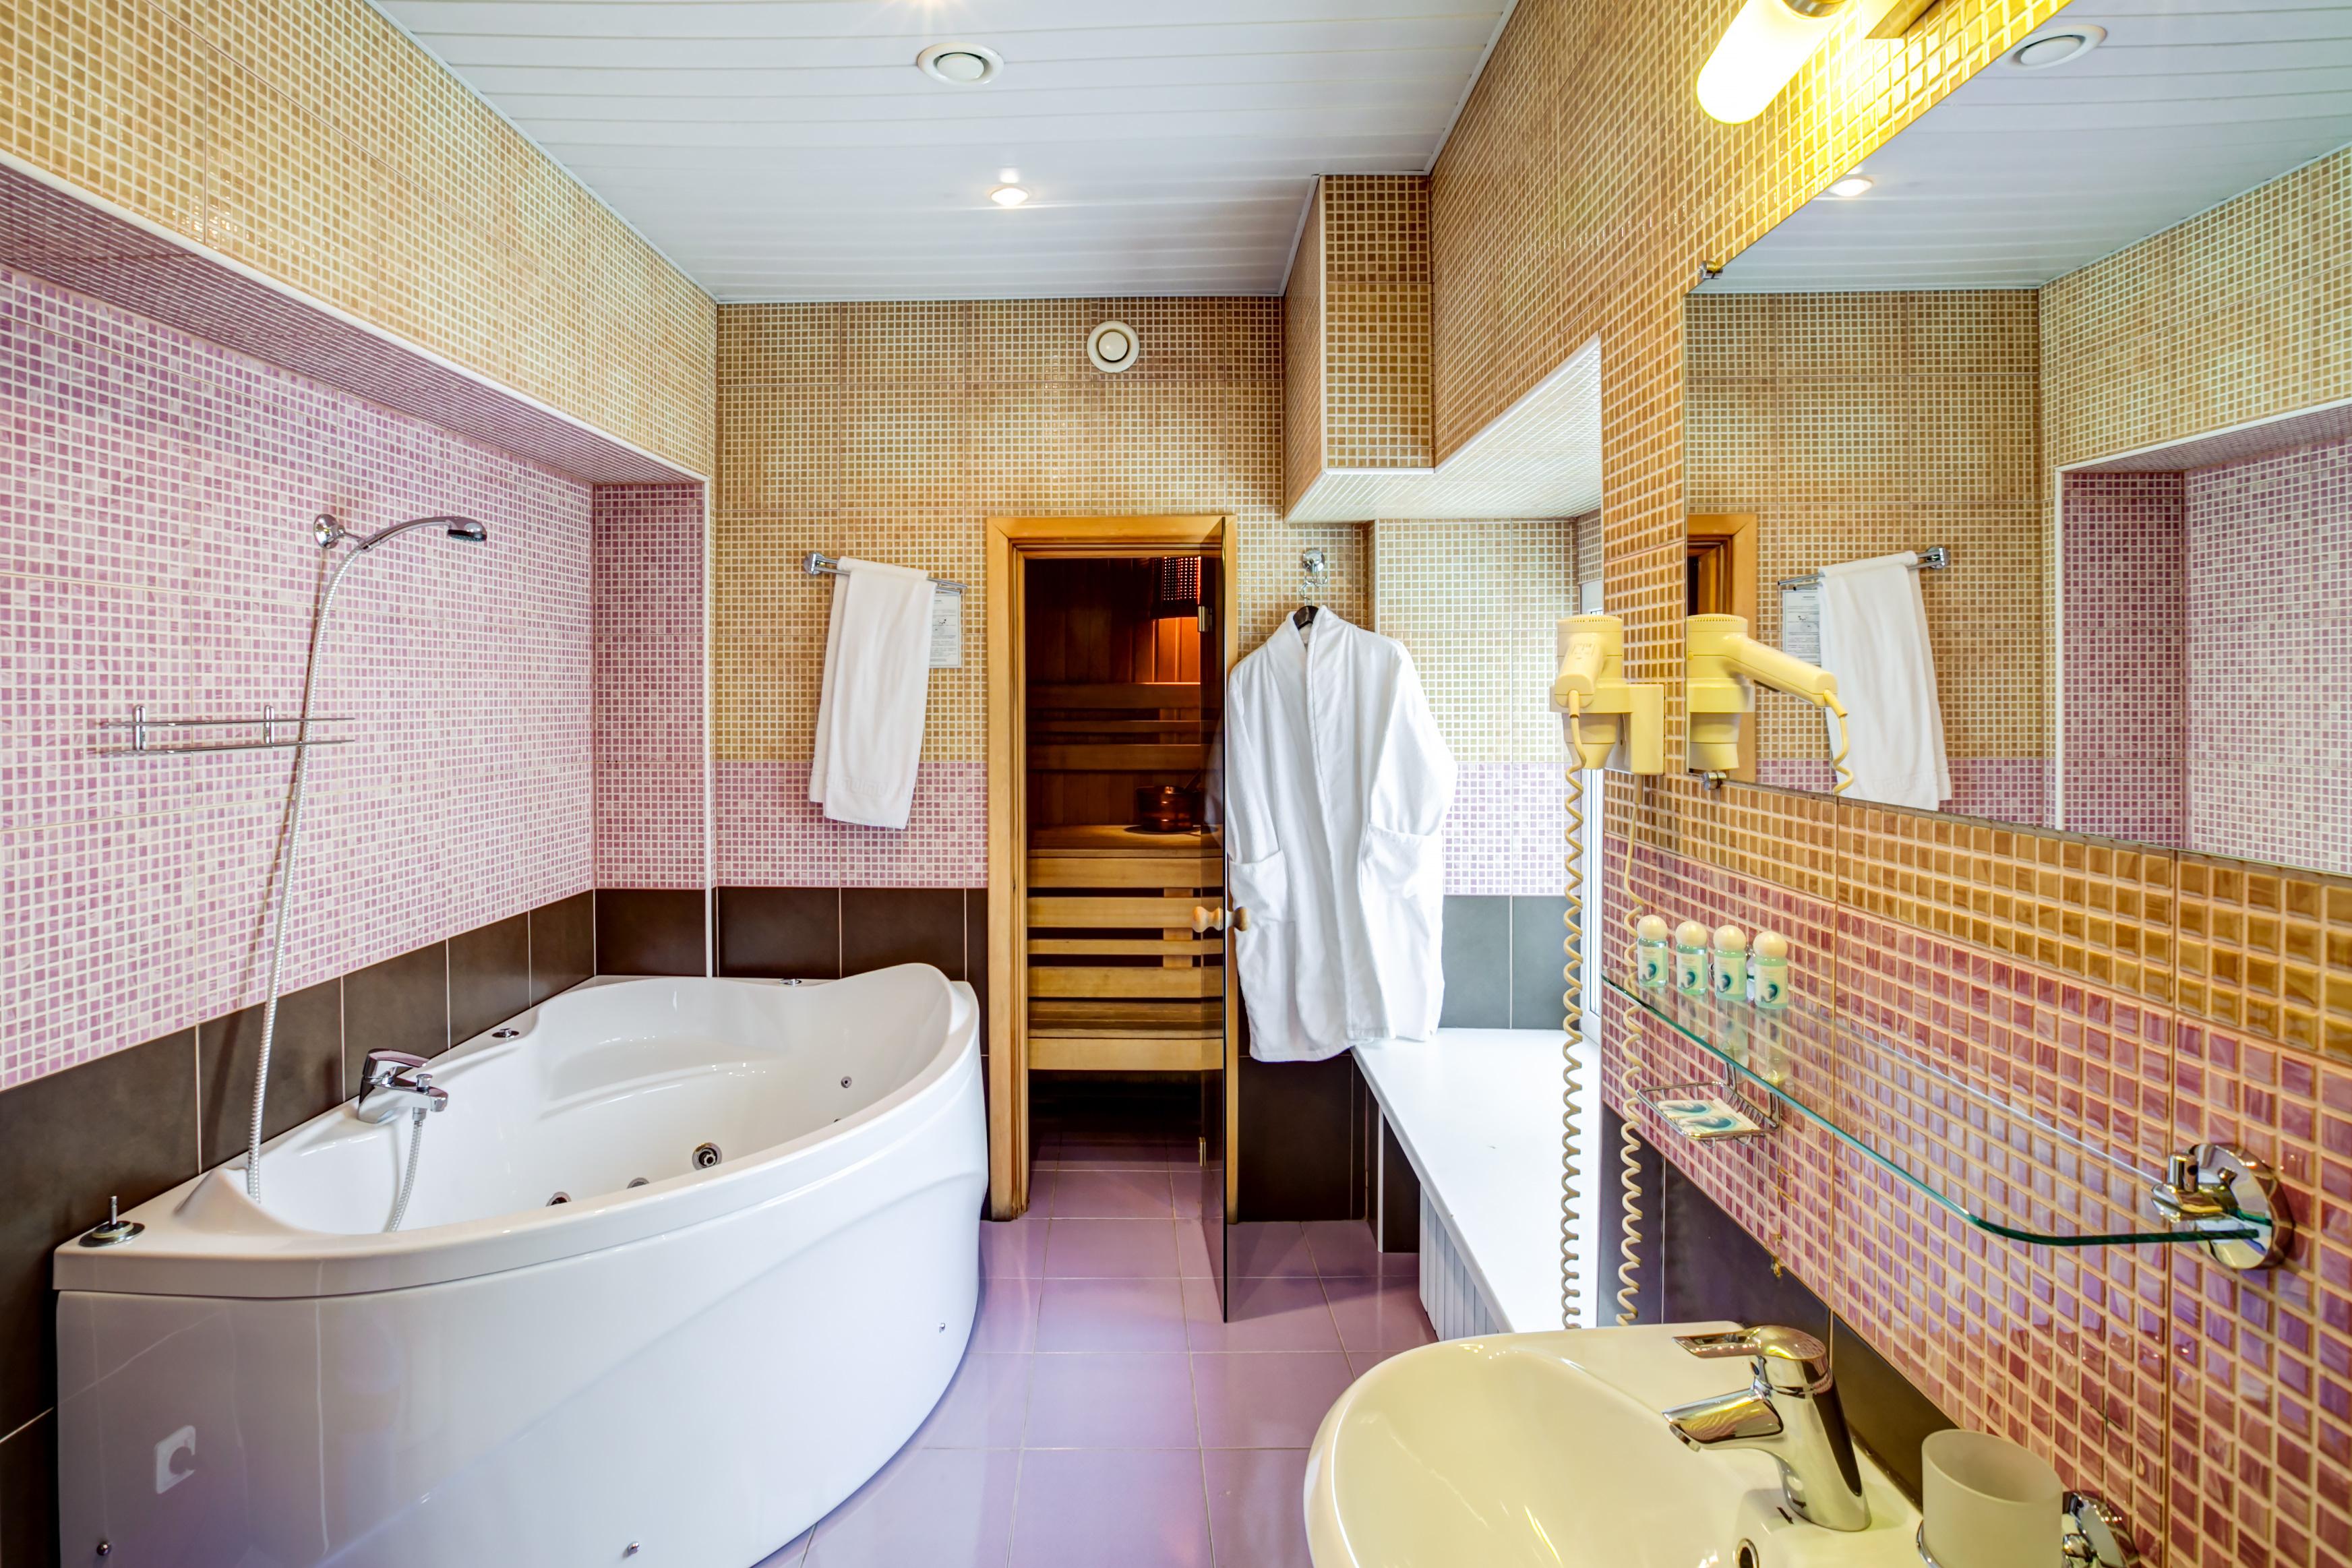 мини-отель берег в санкт-петербурге